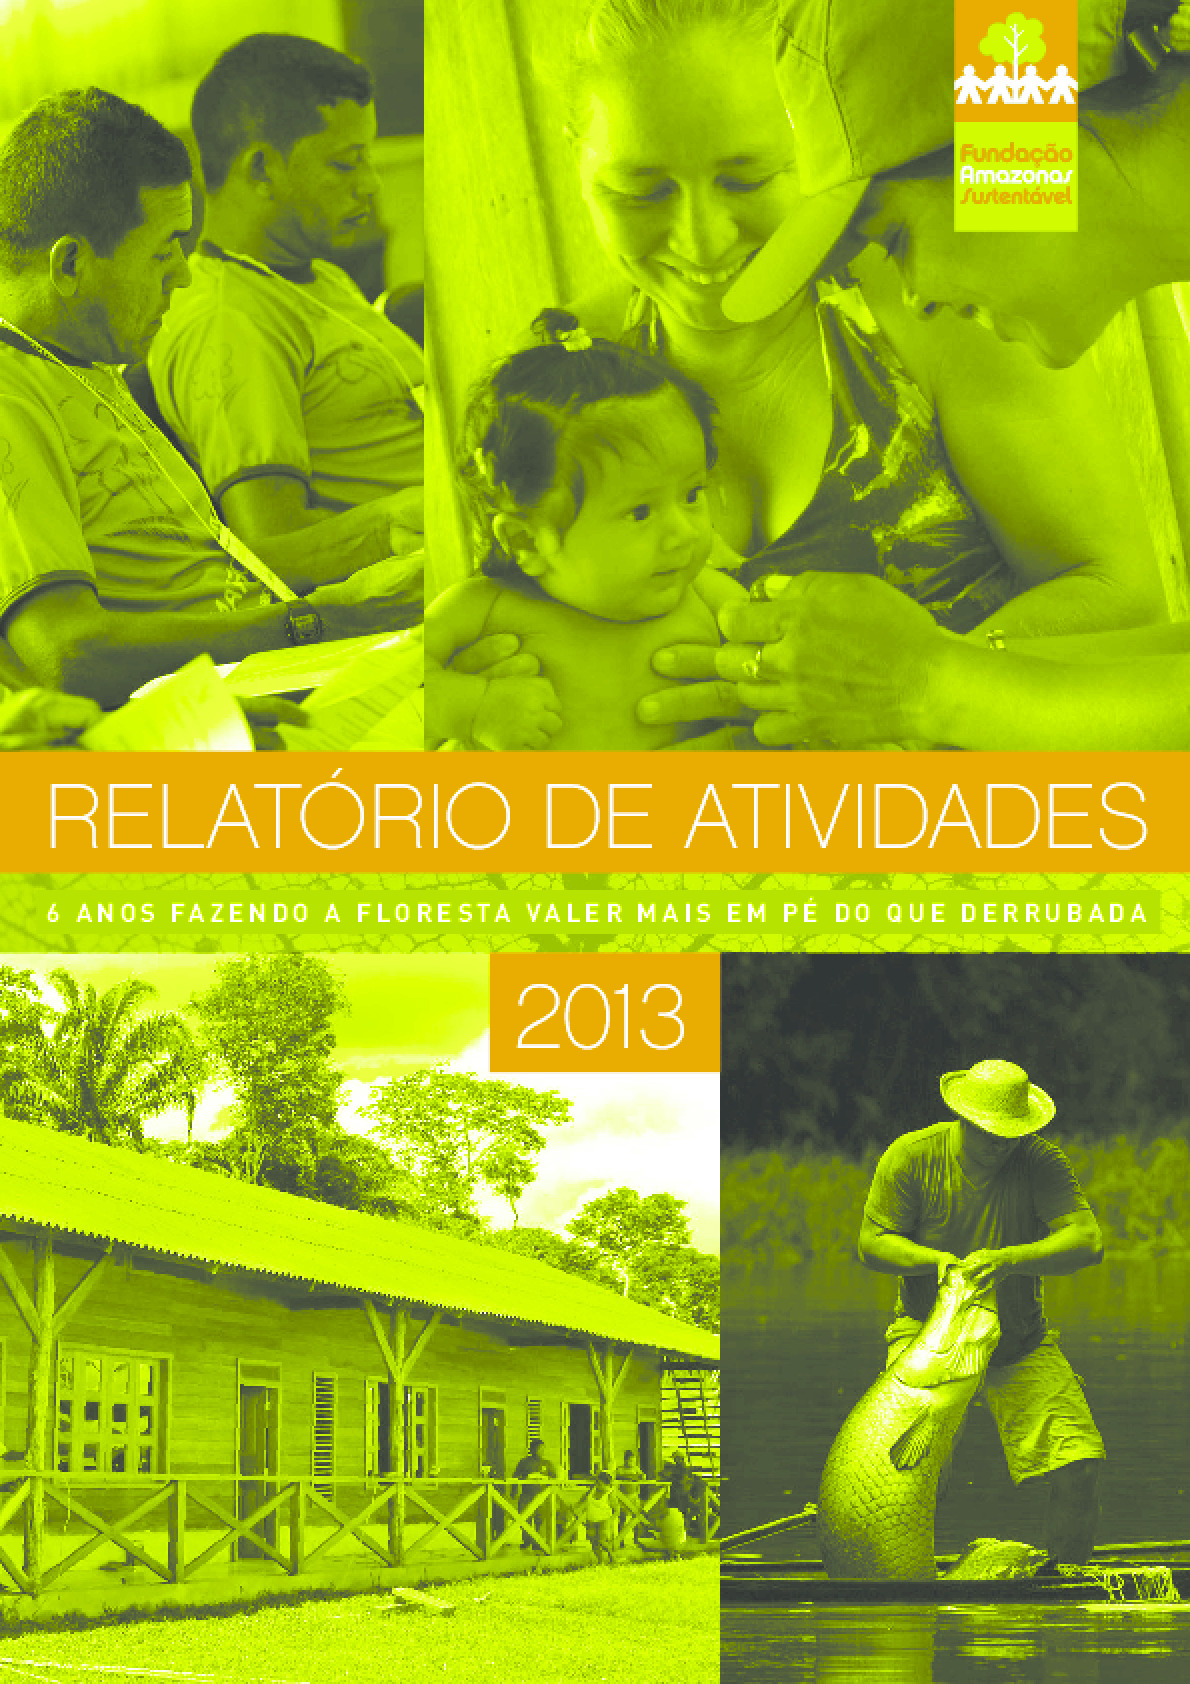 Relatório de atividades 2013 - Fundação Amazonas Sustentável